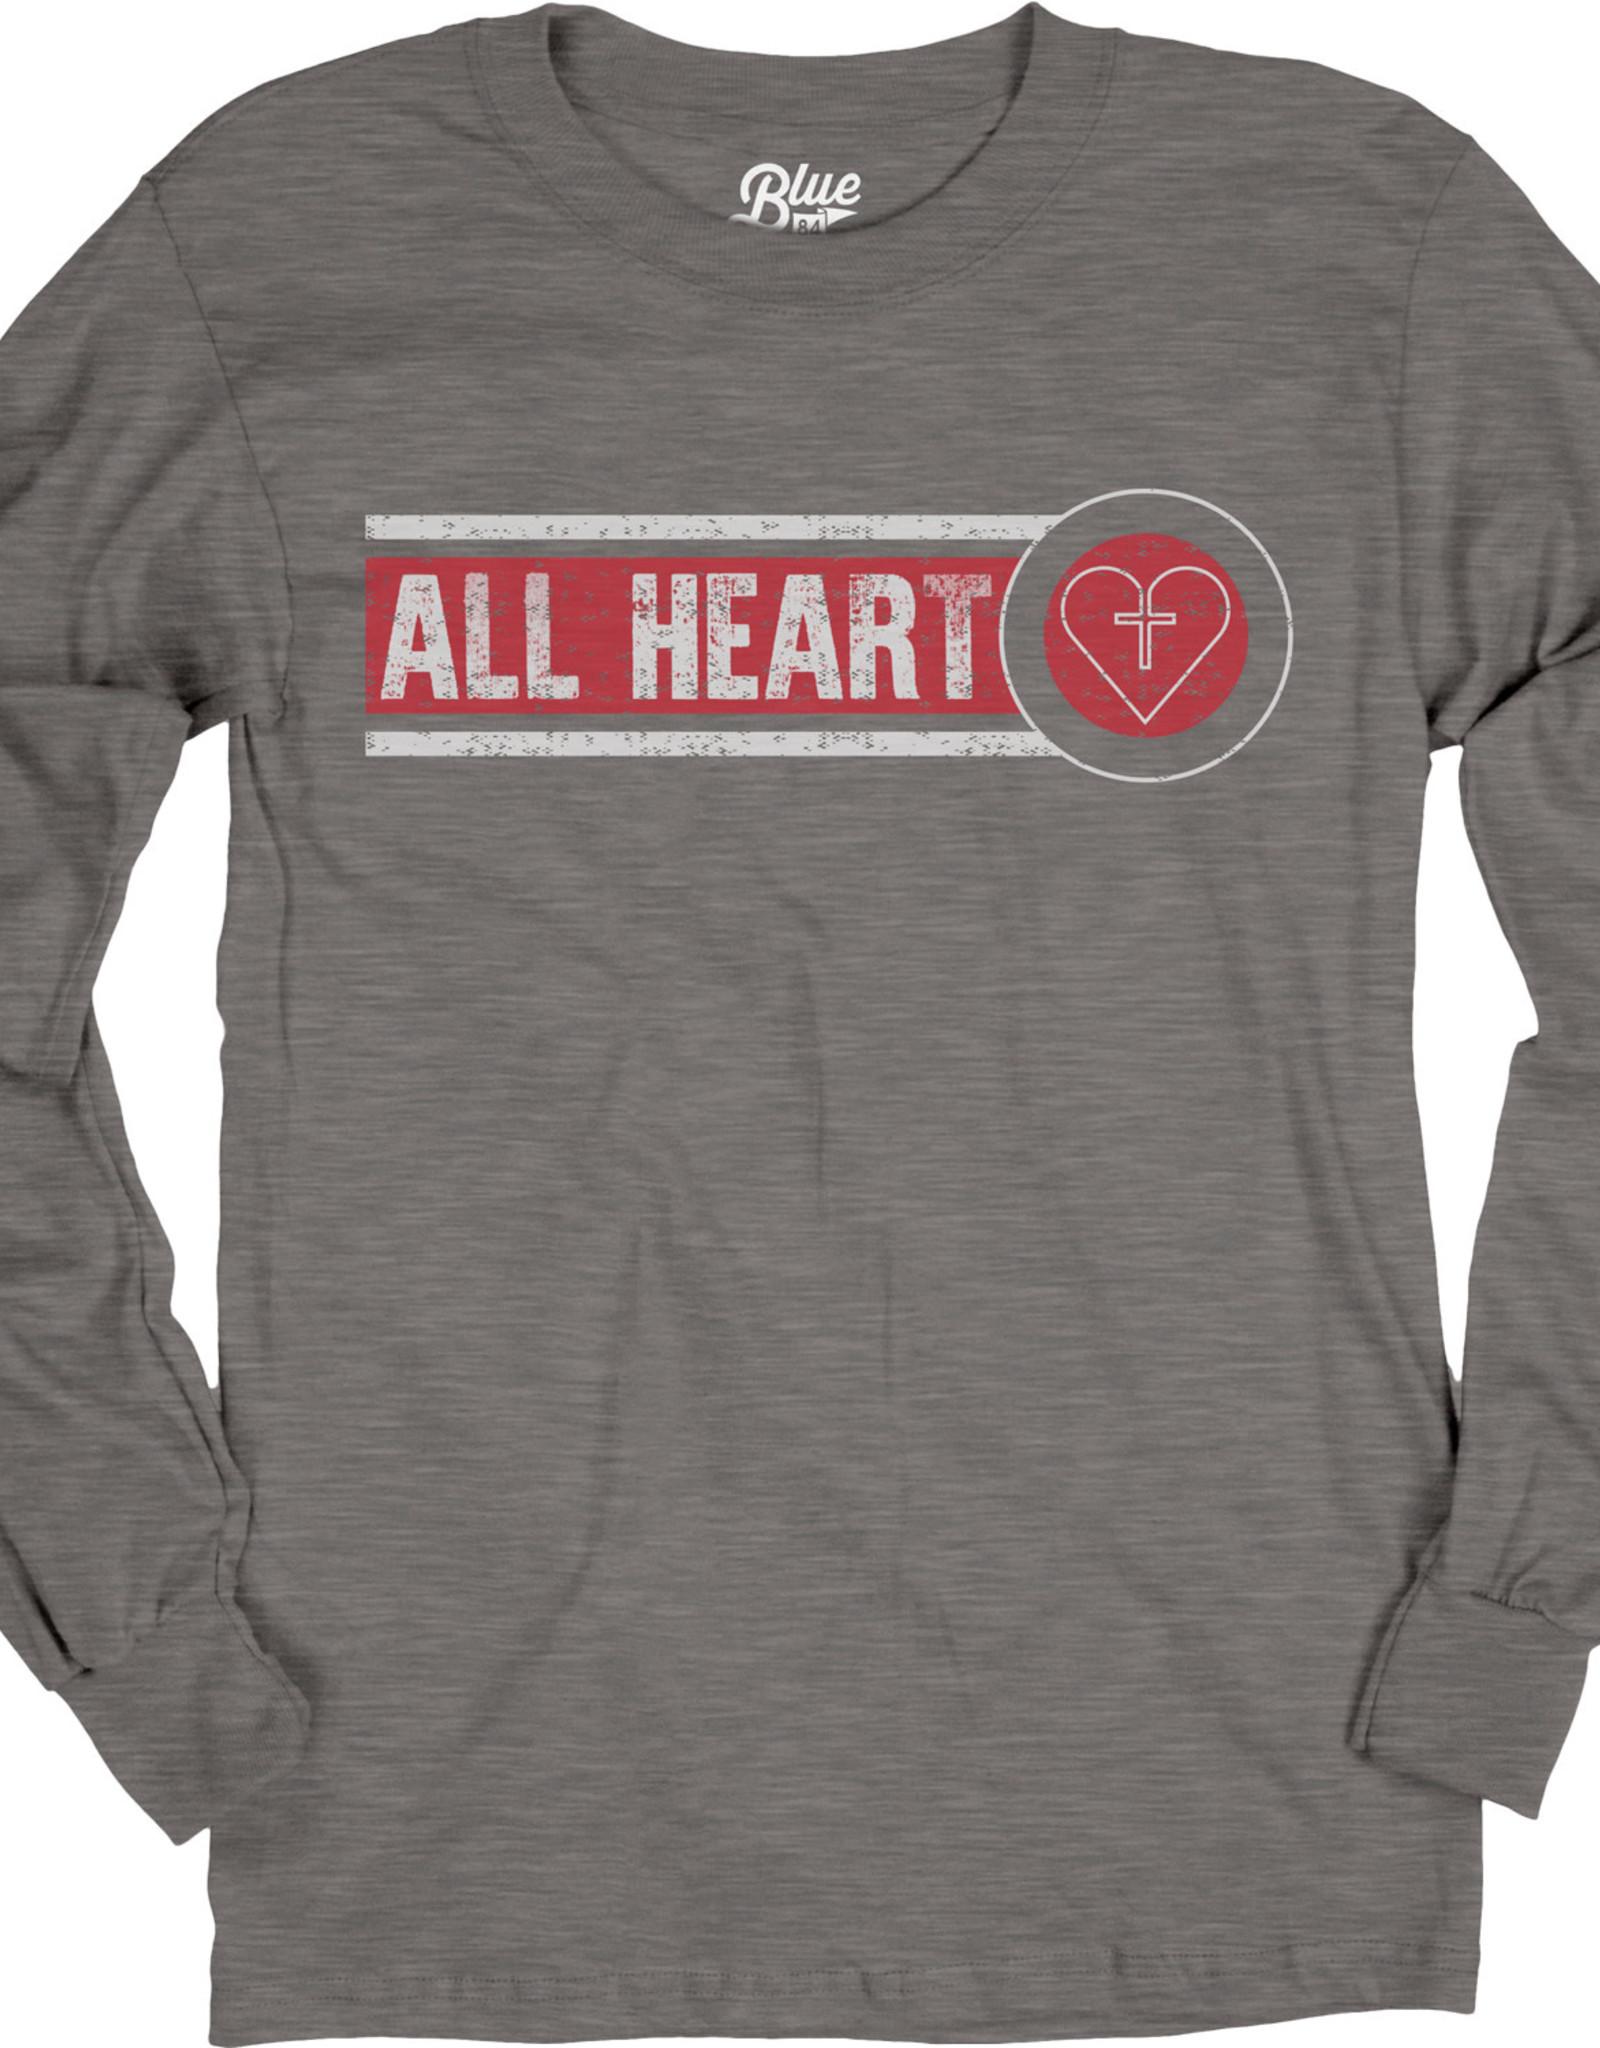 ALL HEART T-SHIRT LS